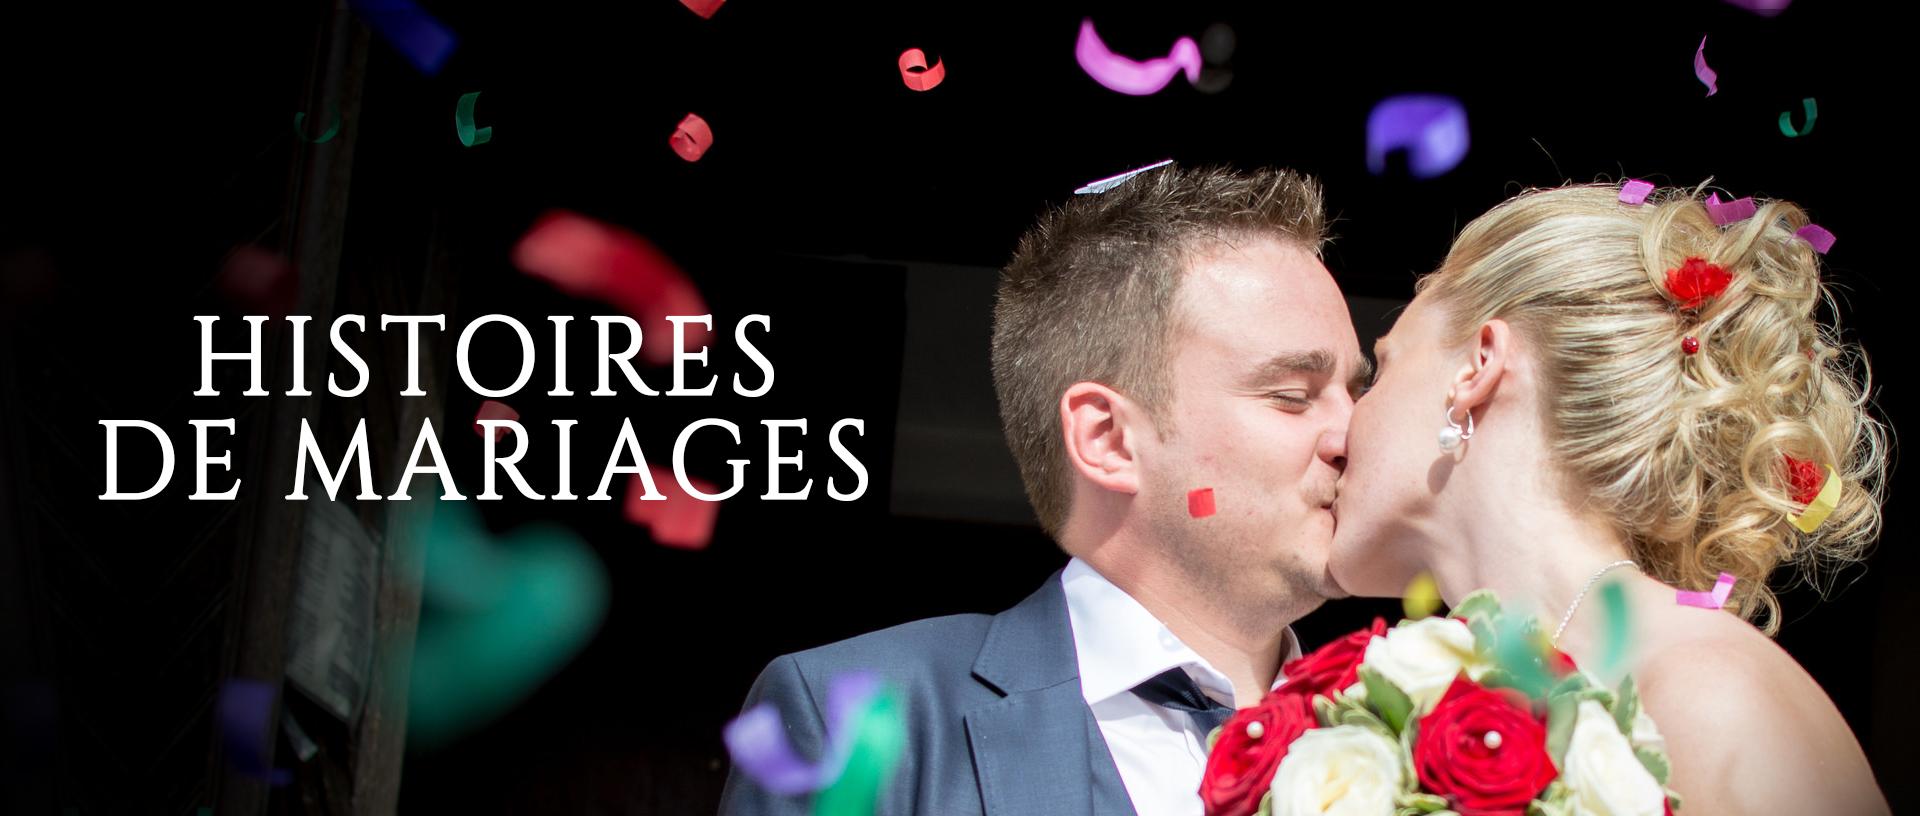 videaste film mariage storyteller storytelling